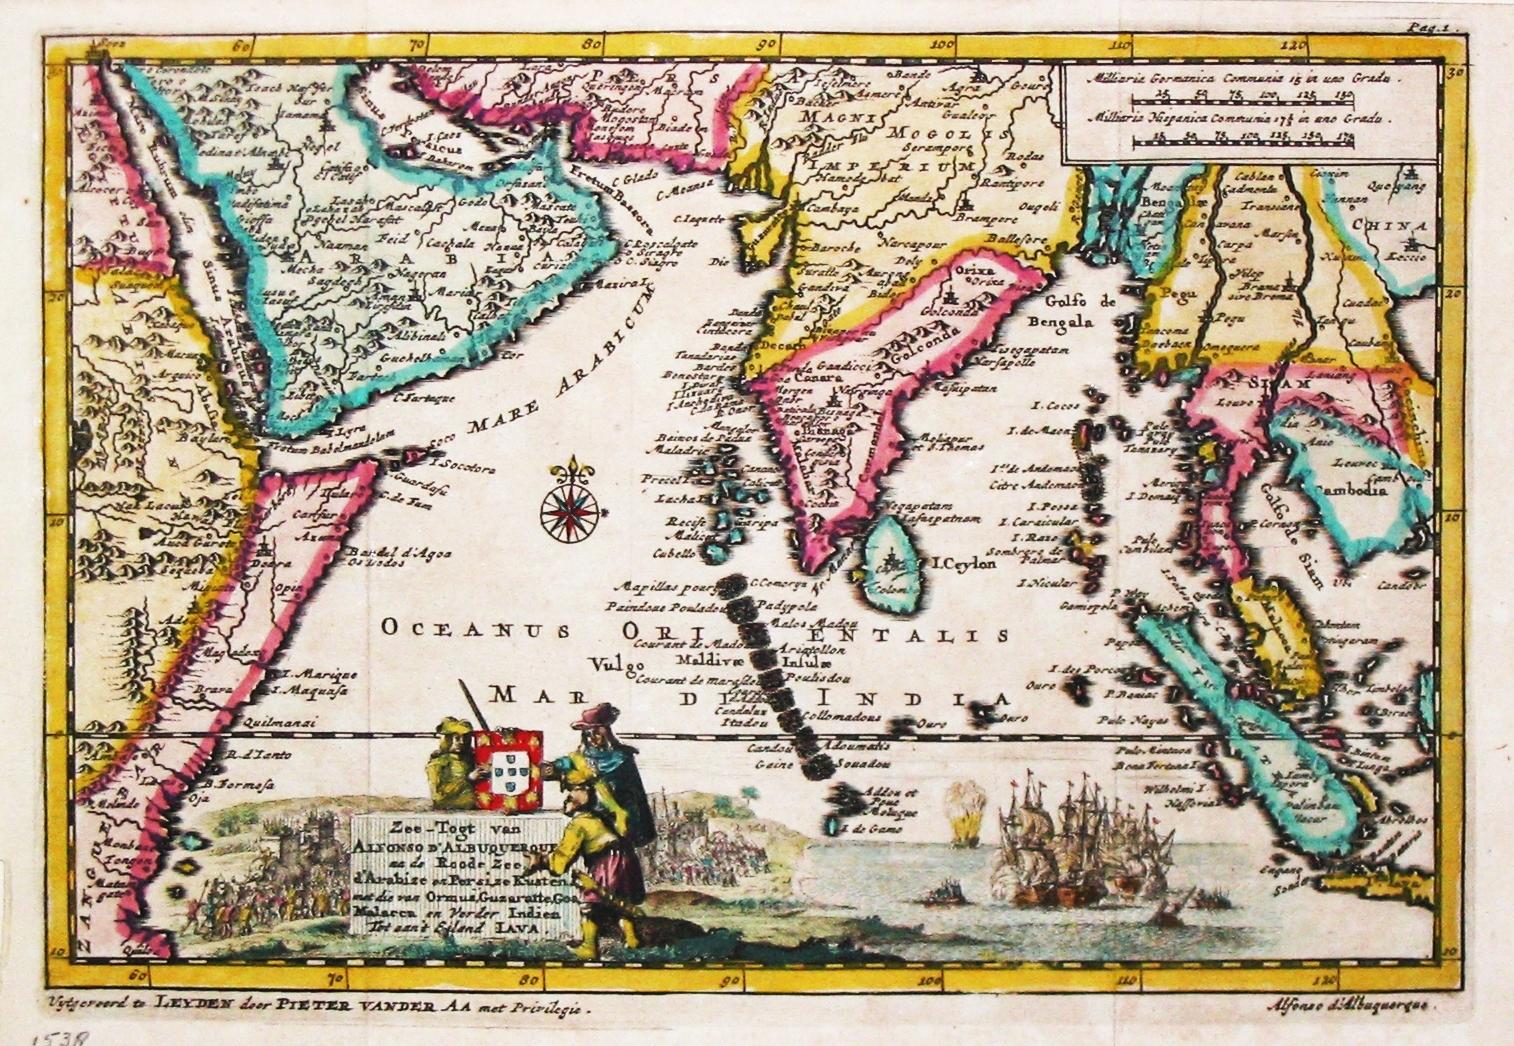 antique map of Indian Ocean, P. Van der Aa